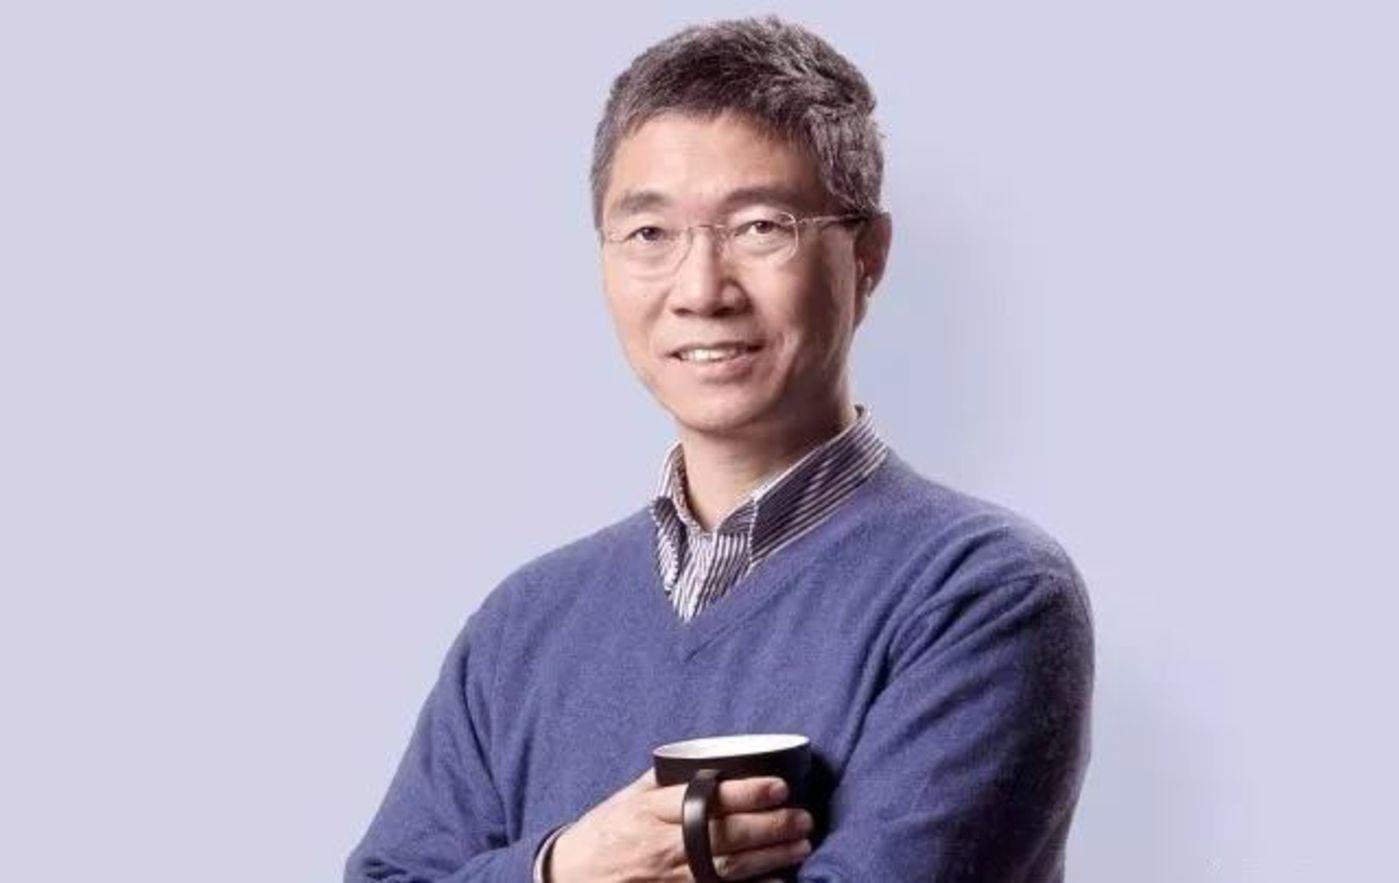 硅谷风险投资人、知名自然语言处理和搜索专家 吴军博士